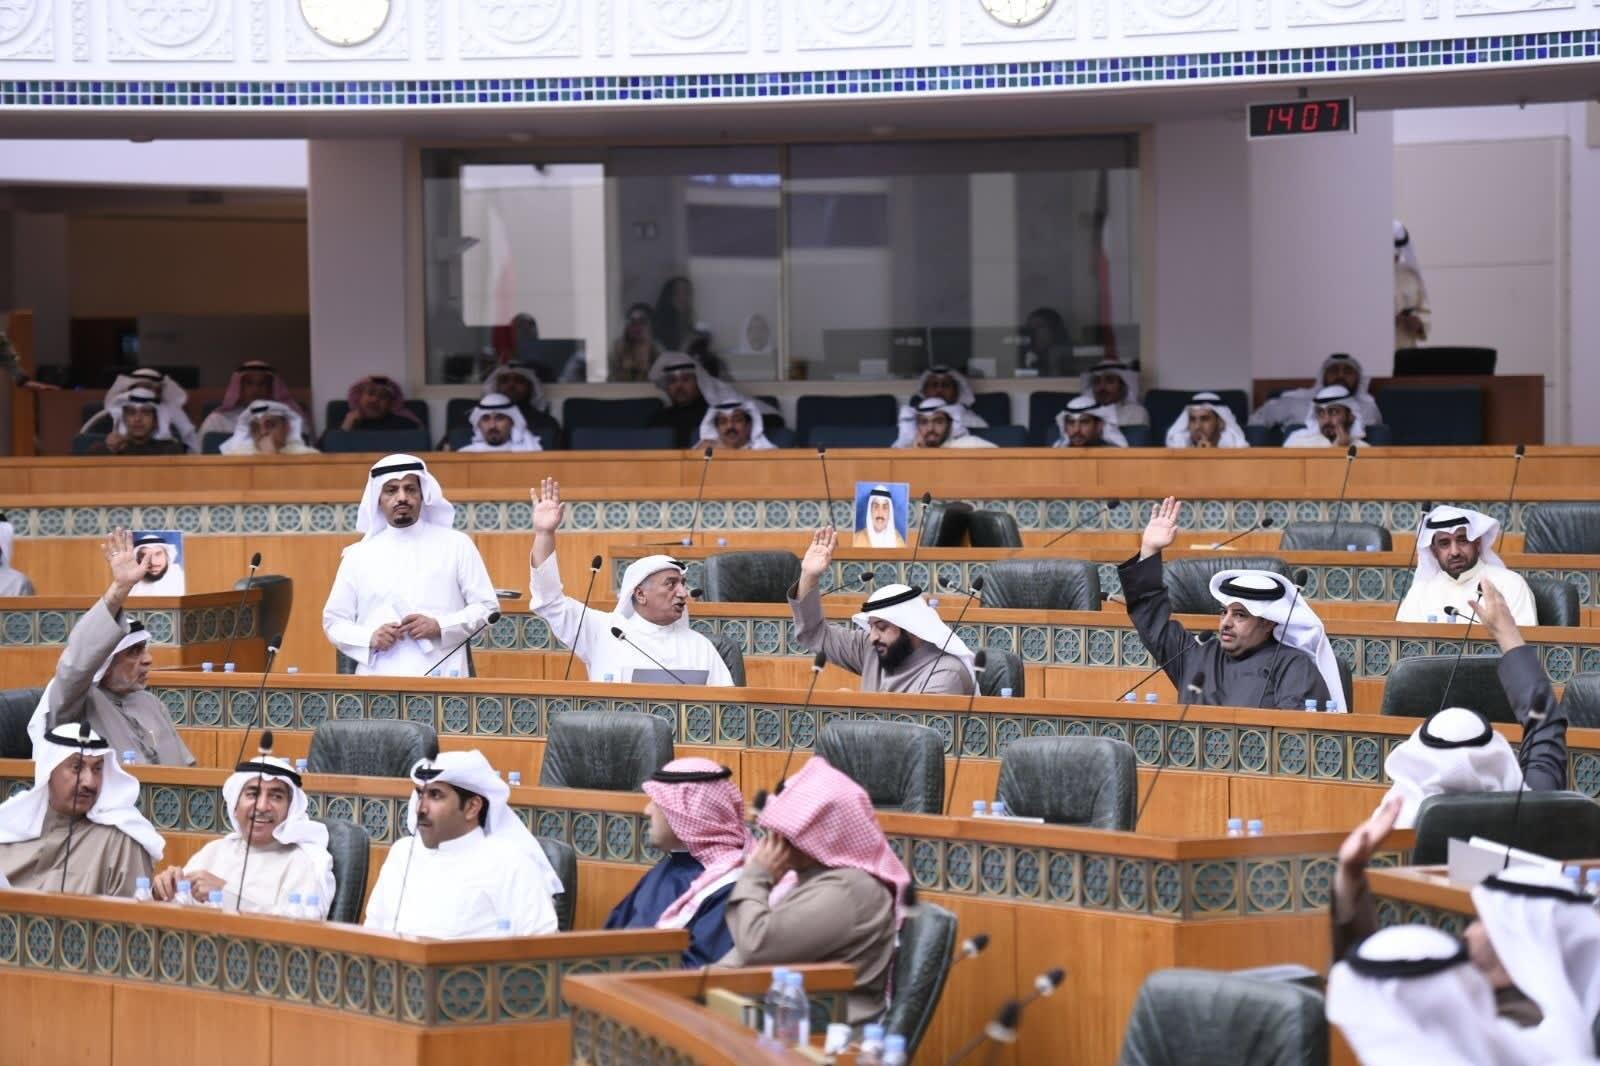 شاهد.. جدل في مجلس الأمة الكويتي حول حجاب وزيرة الإسكان